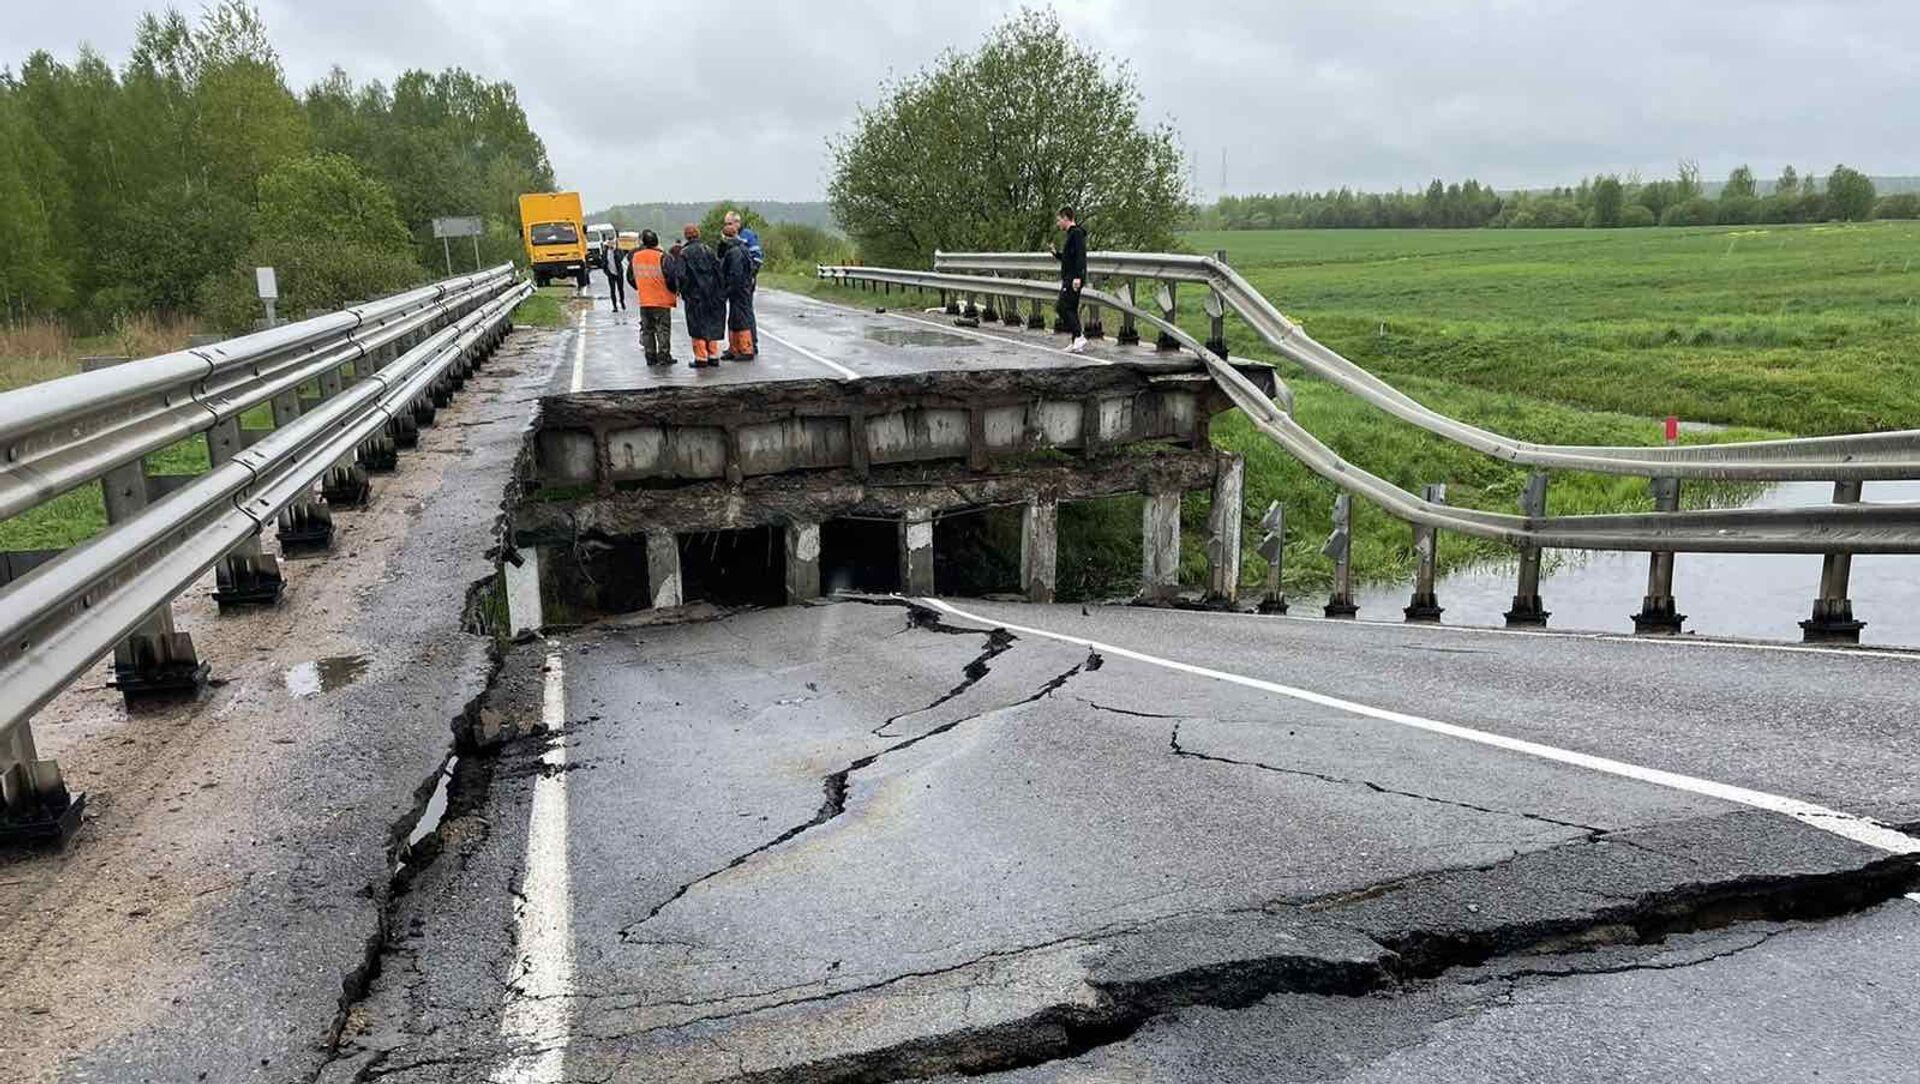 У Барысаўскім раёне абрынуўся аўтамабільны мост - фота - Sputnik Беларусь, 1920, 20.05.2021